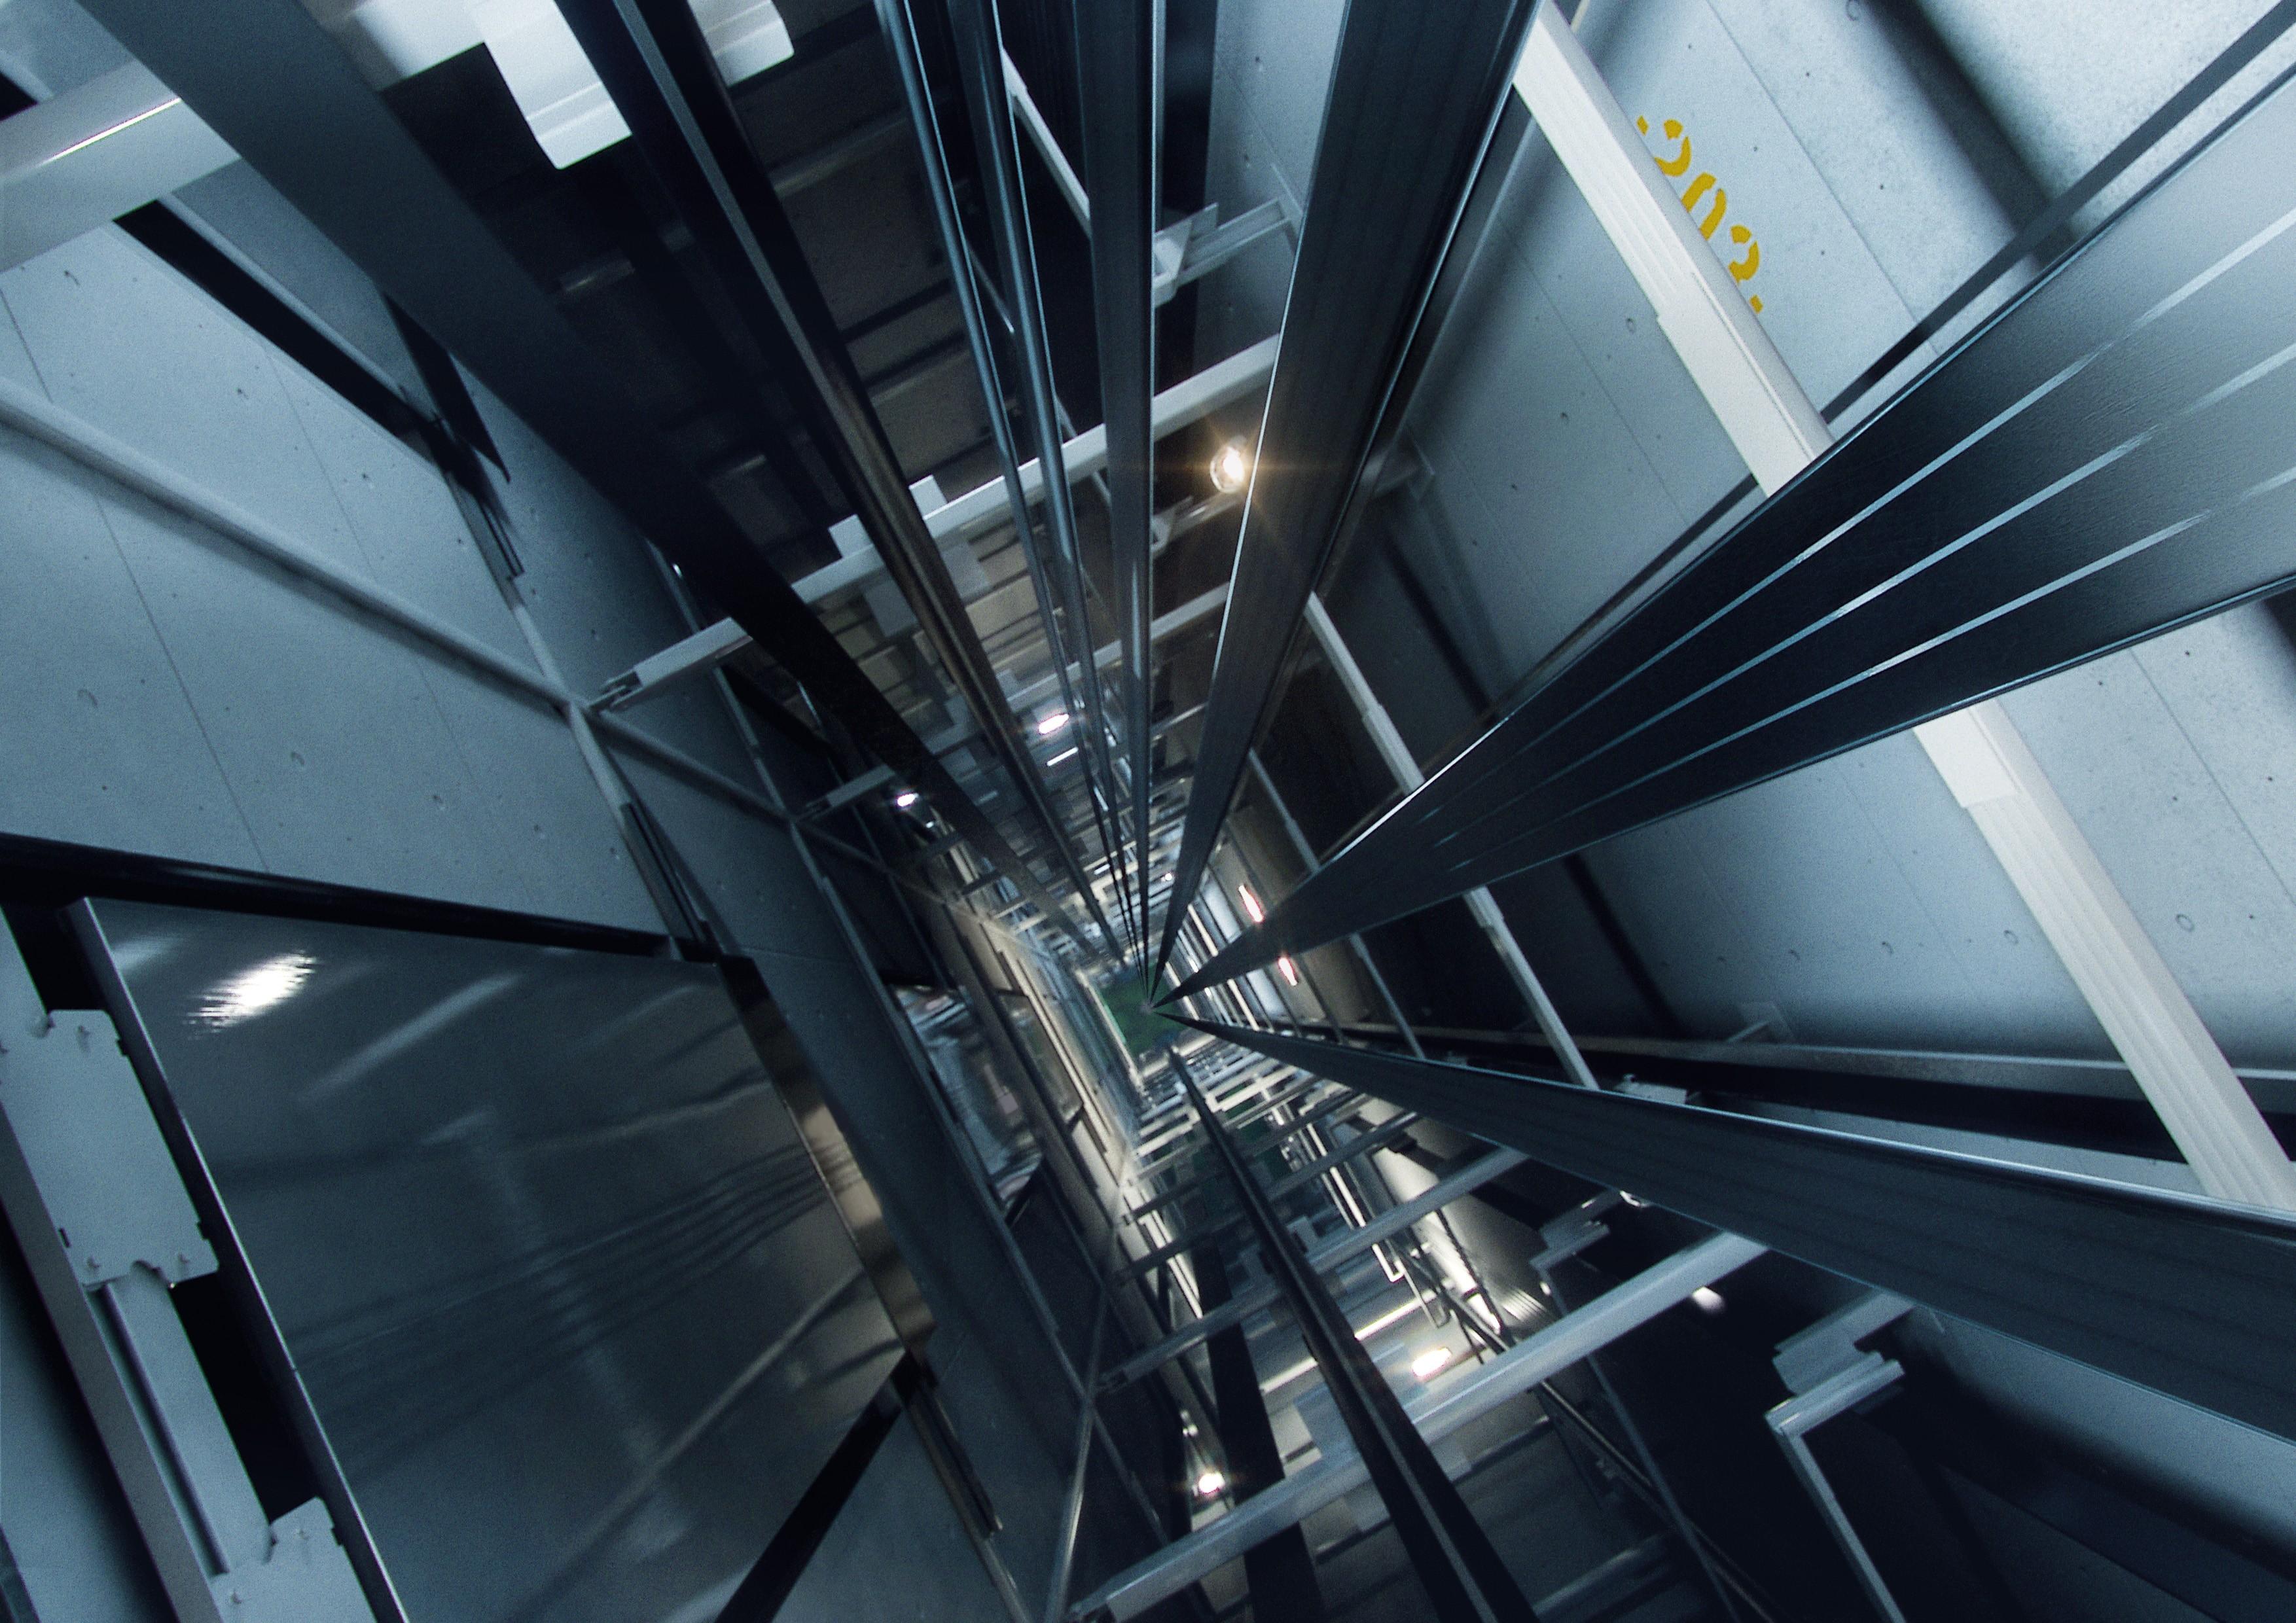 Треть лифтов в России отработали назначенный срок эксплуатации